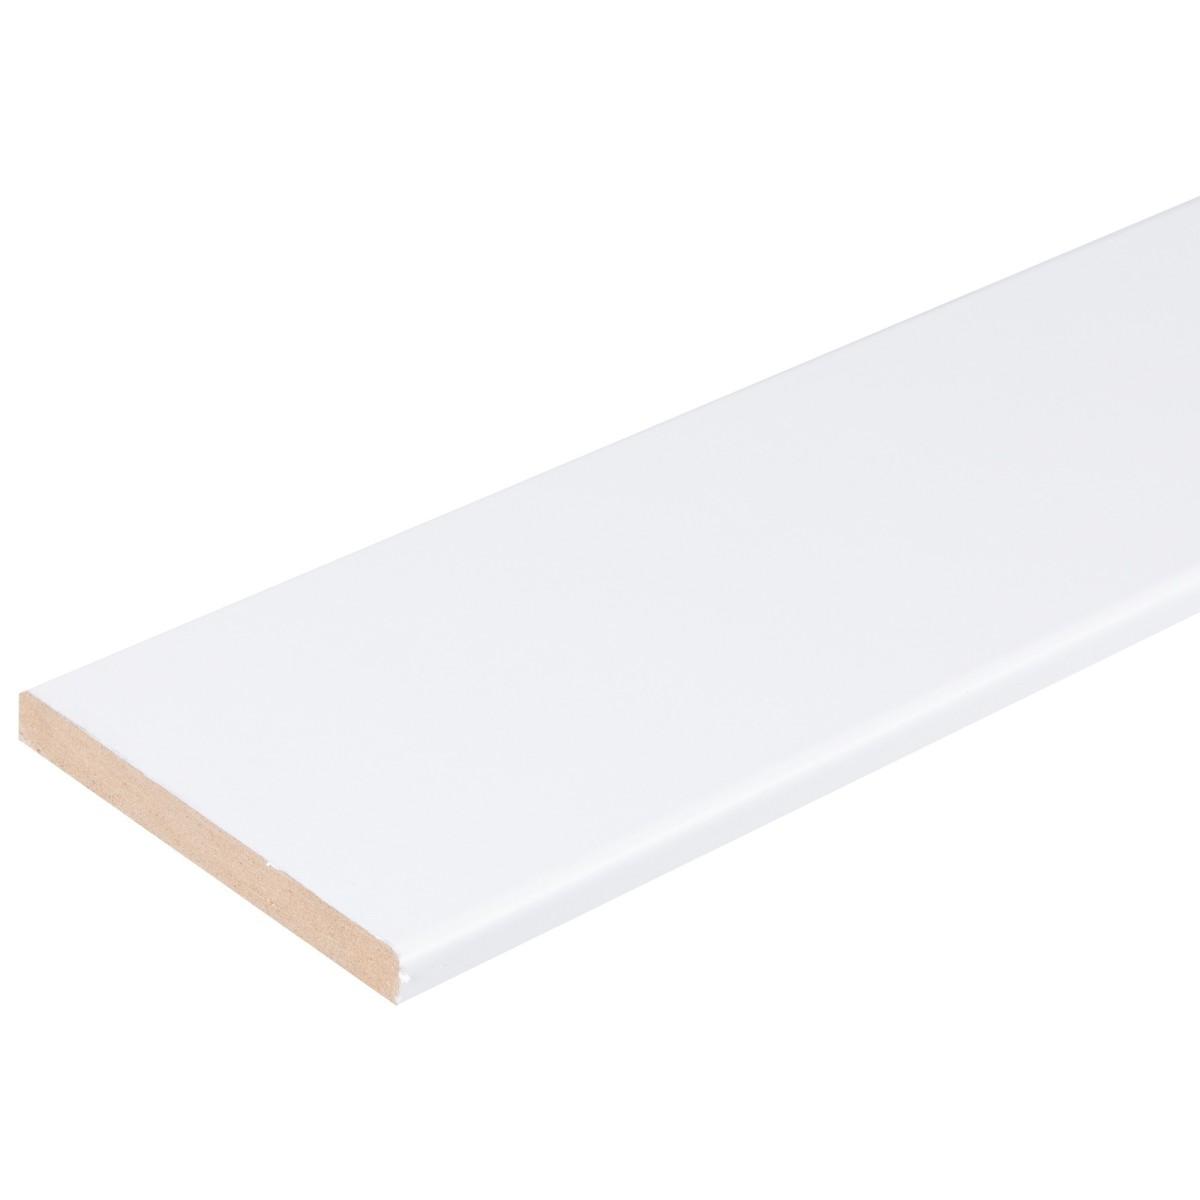 Добор 80 мм ламинация цвет белый